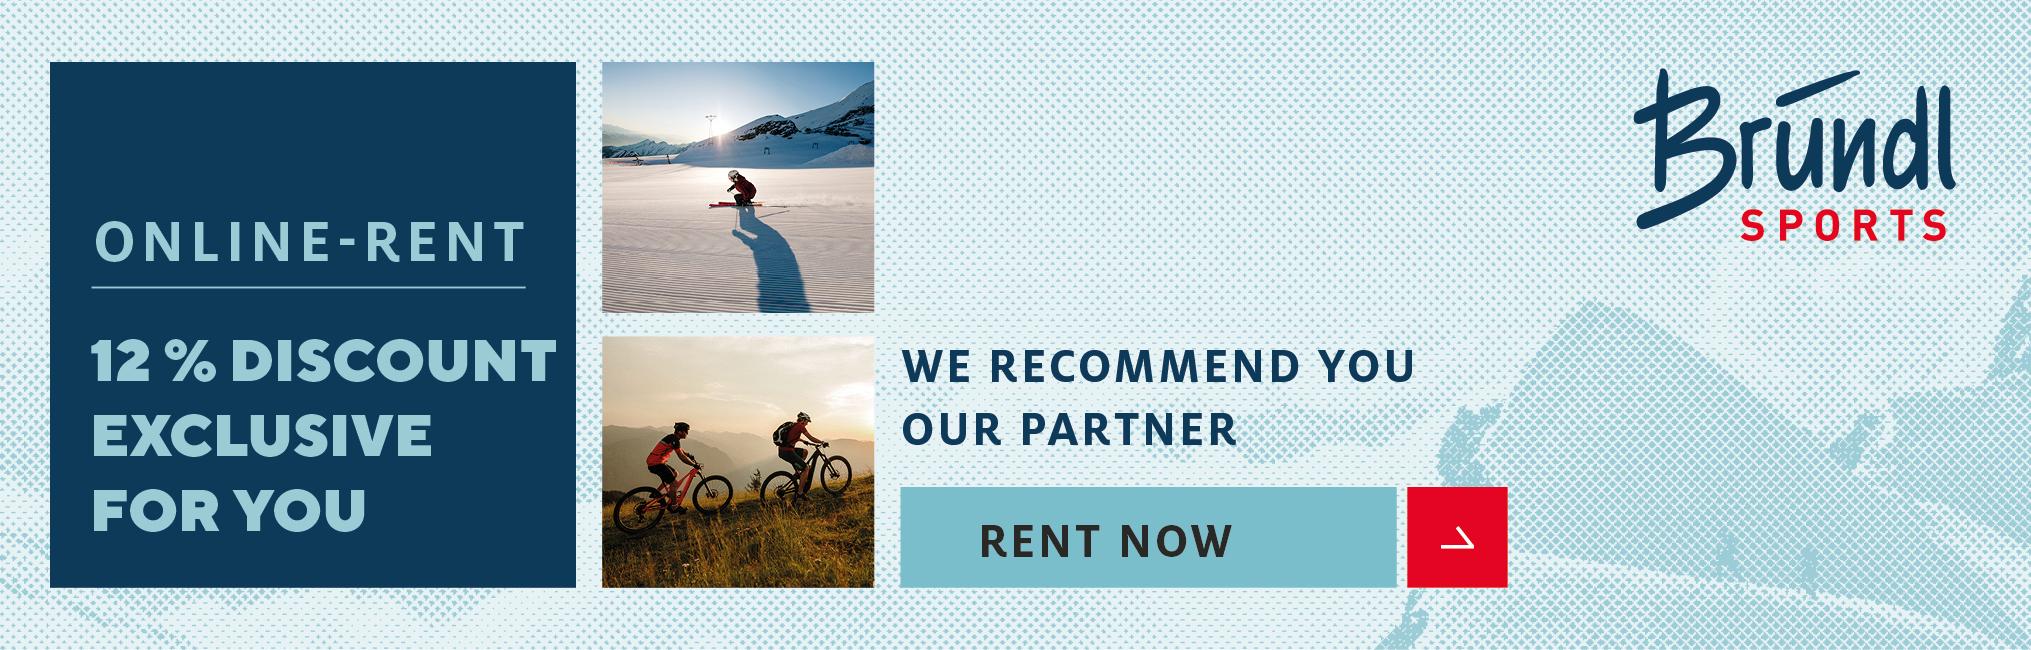 Intersport Bruendl - Our partner for ski rental